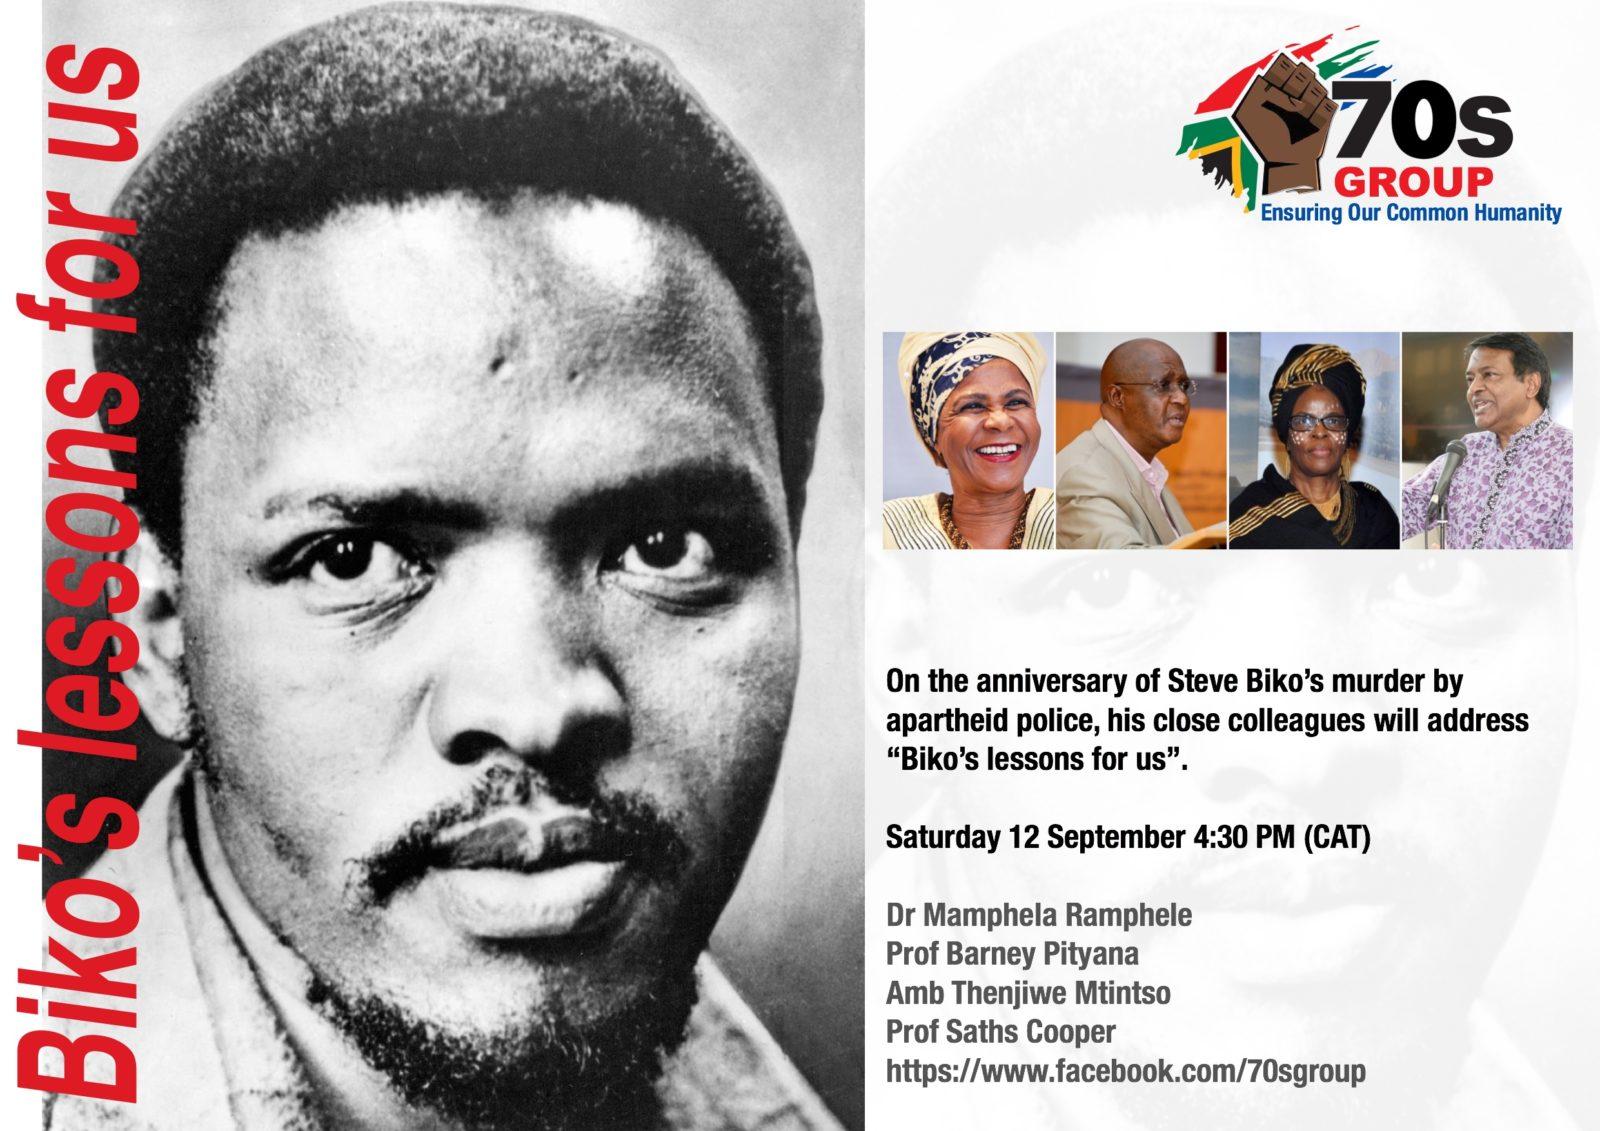 Anniversary of Biko's Murder